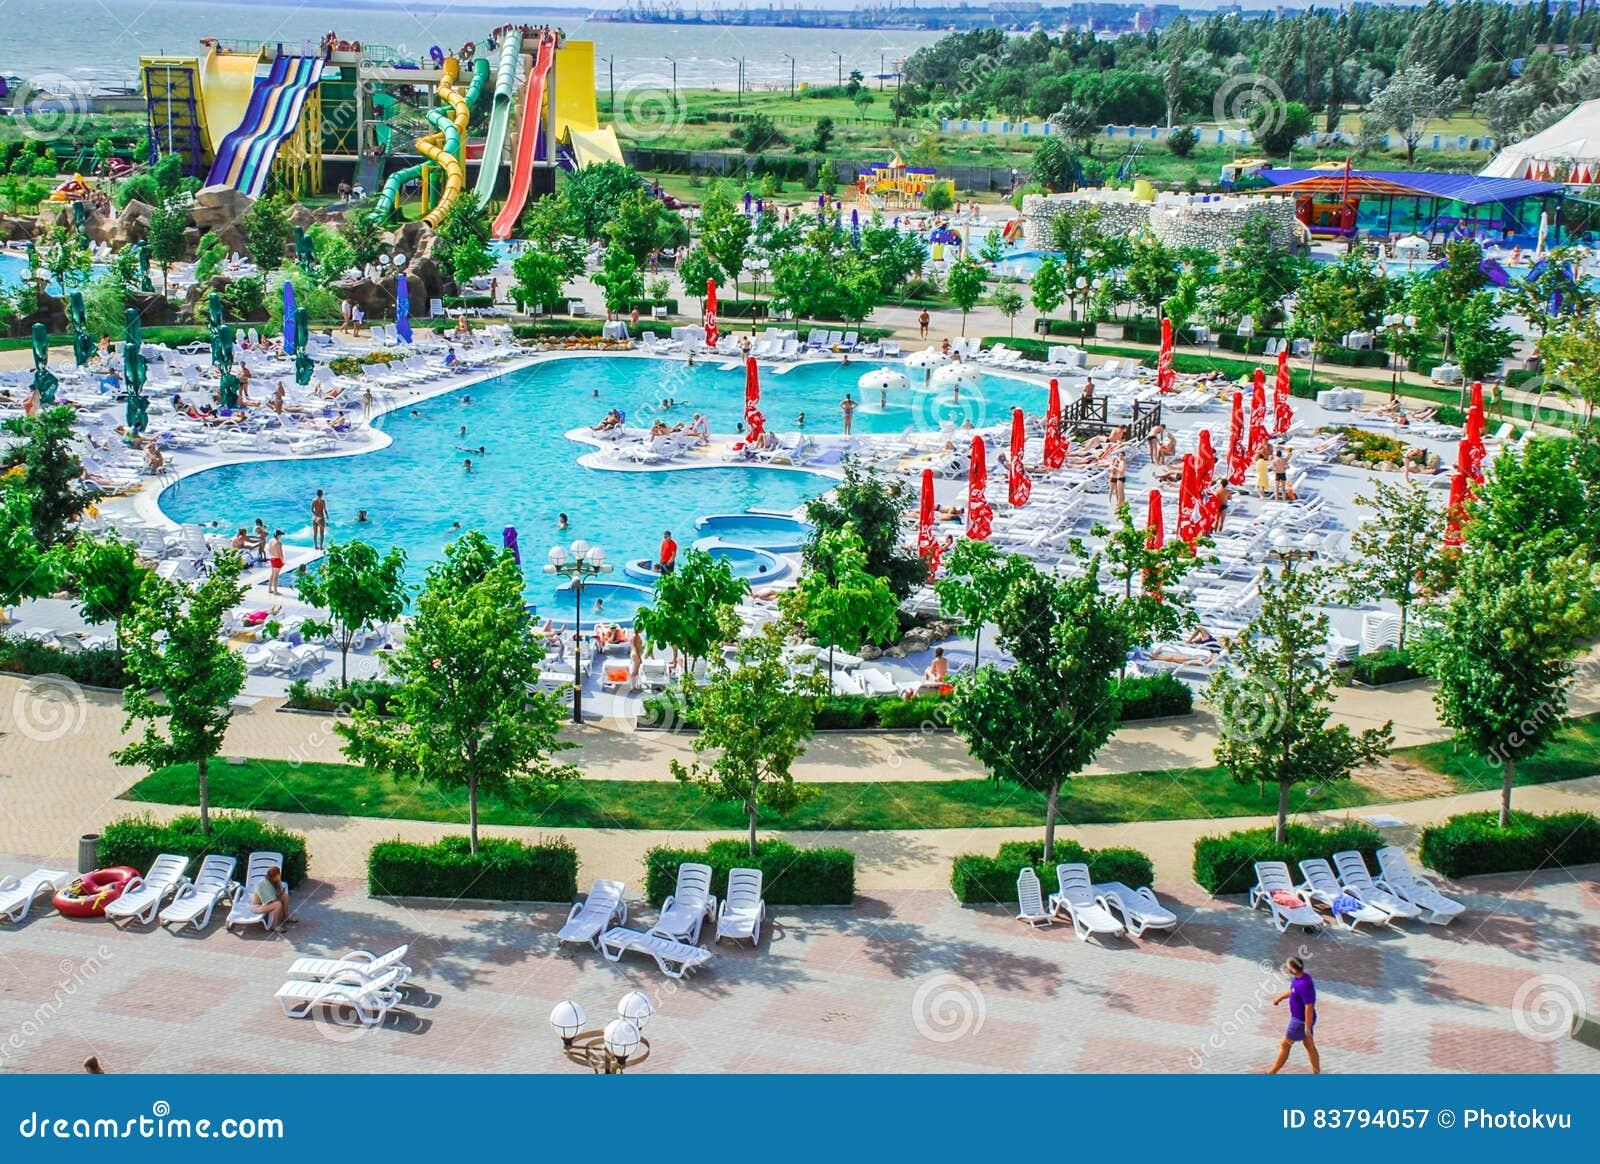 Aquapark en la ciudad de Berdyansk, Ucrania